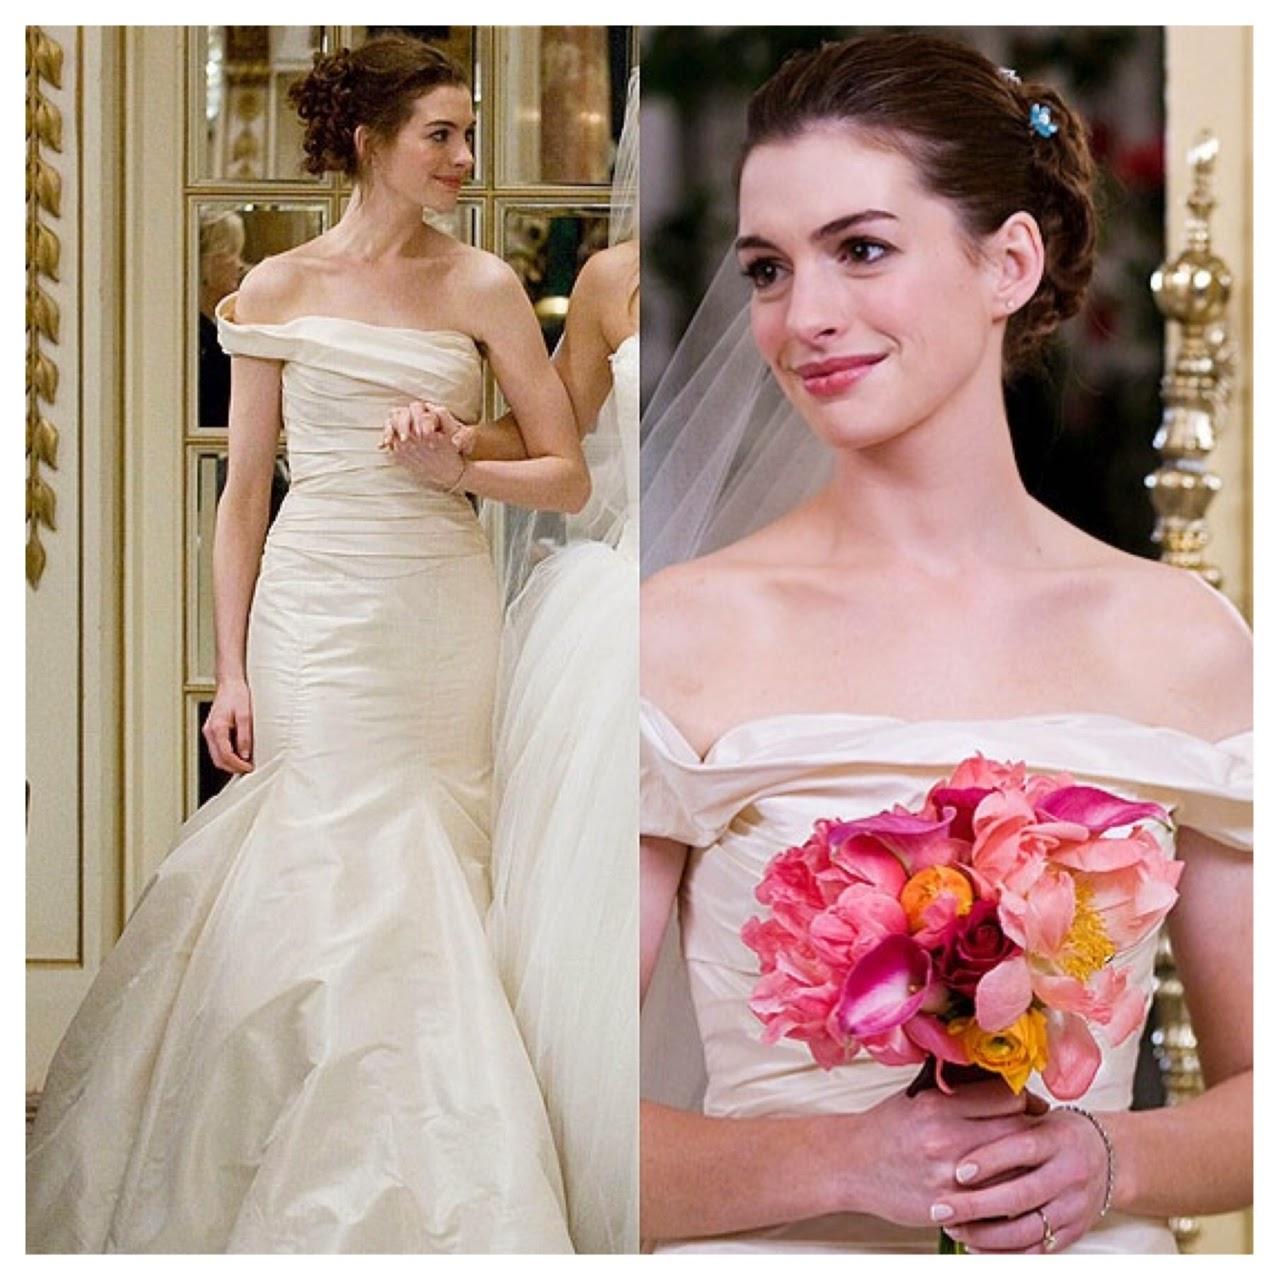 Anne Hathaway Bride Wars: Bride Wars Is The Best Movie About Bride, Ever